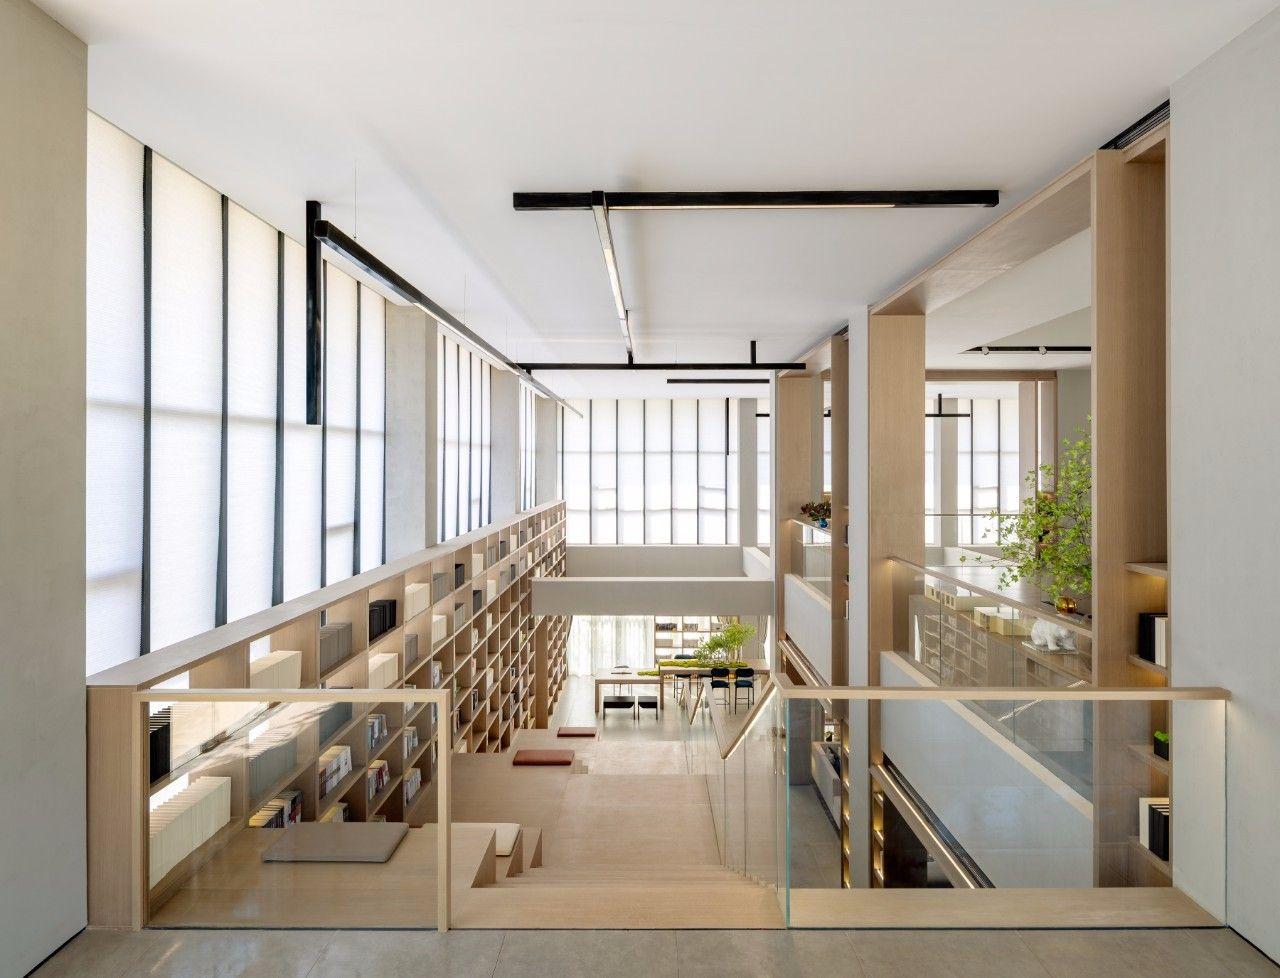 【G&K新作】武汉最艺术的沉浸体验式售楼处设计|G&K建筑设计咨询有限公司 - 13